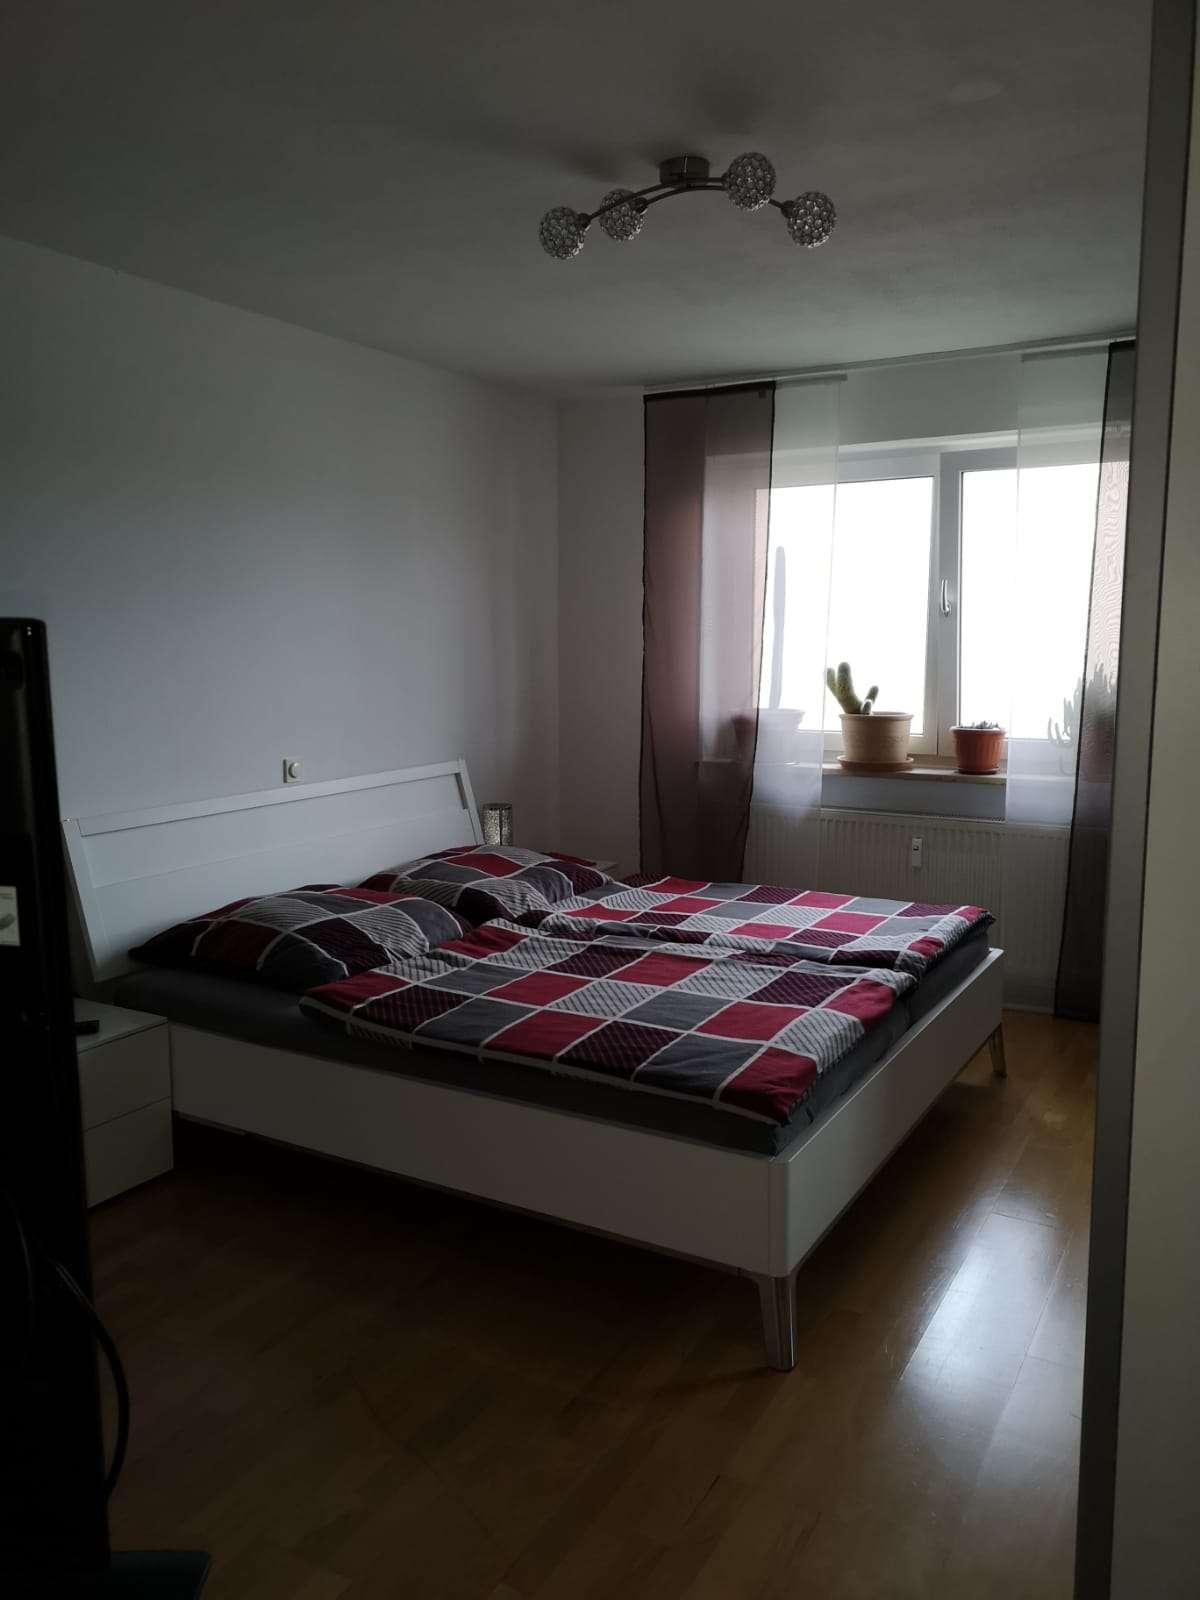 Gepflegte 3-Zimmer-Wohnung mit Balkon in Vohburg in Vohburg an der Donau